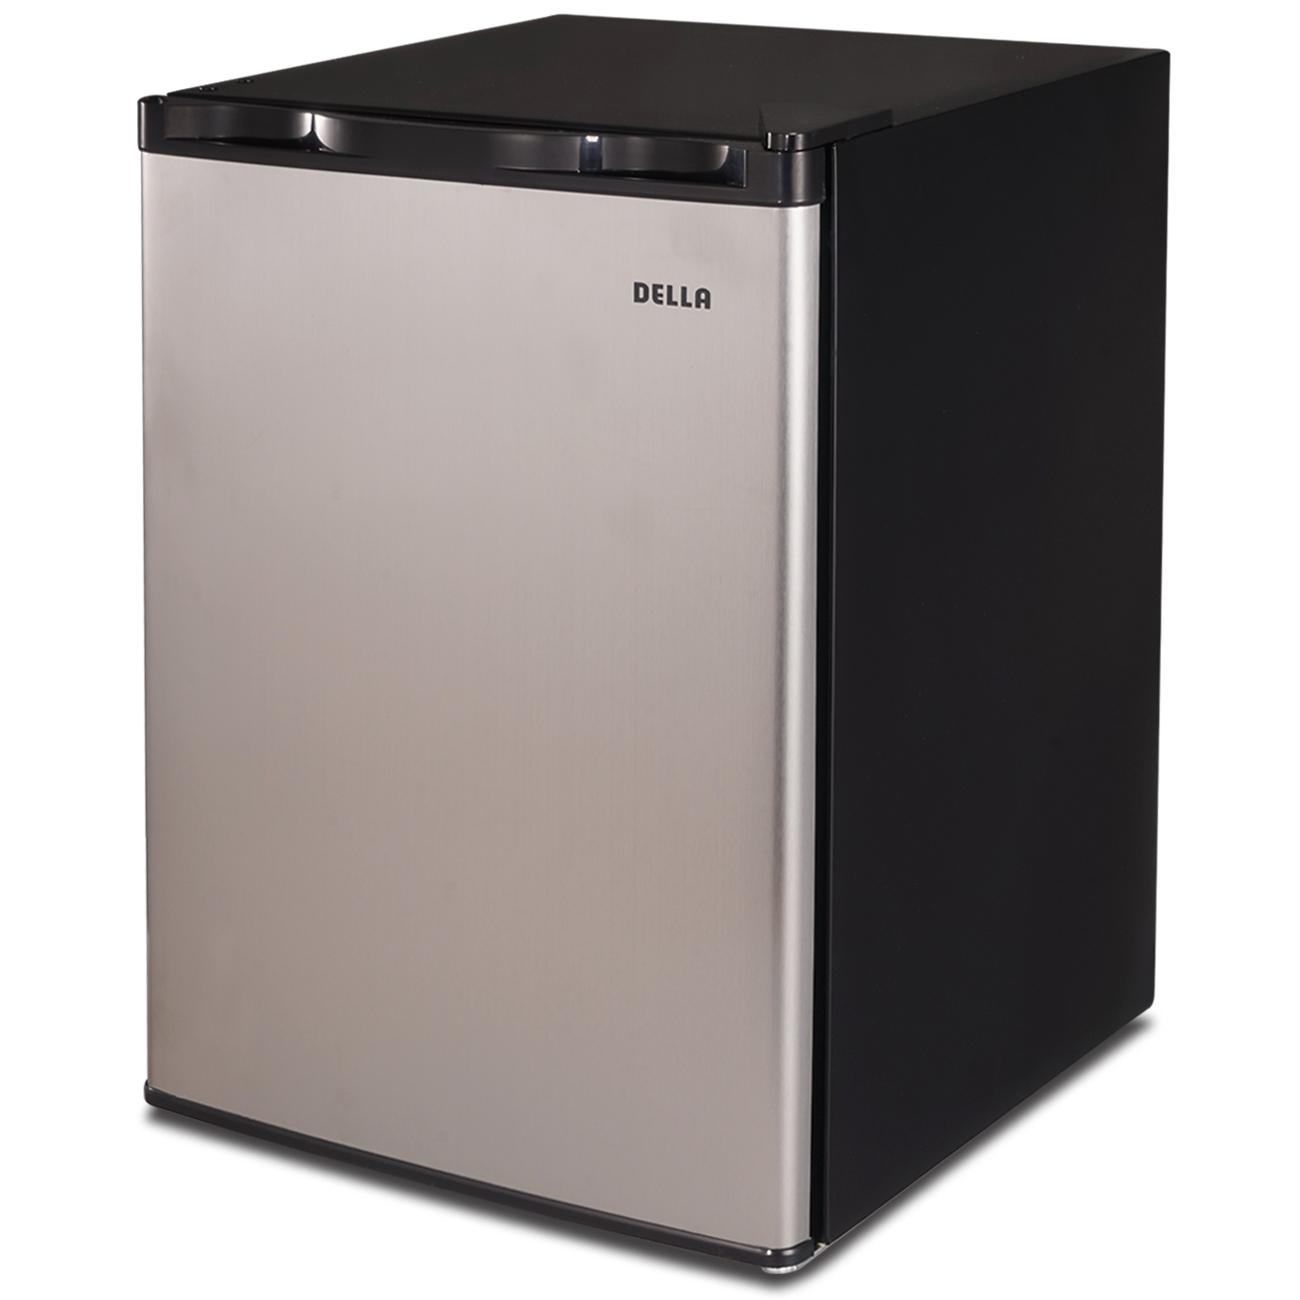 Della Mini Refrigerator Freezer Dorm Fridge 2.6 cu ft Office Compact Room Beer